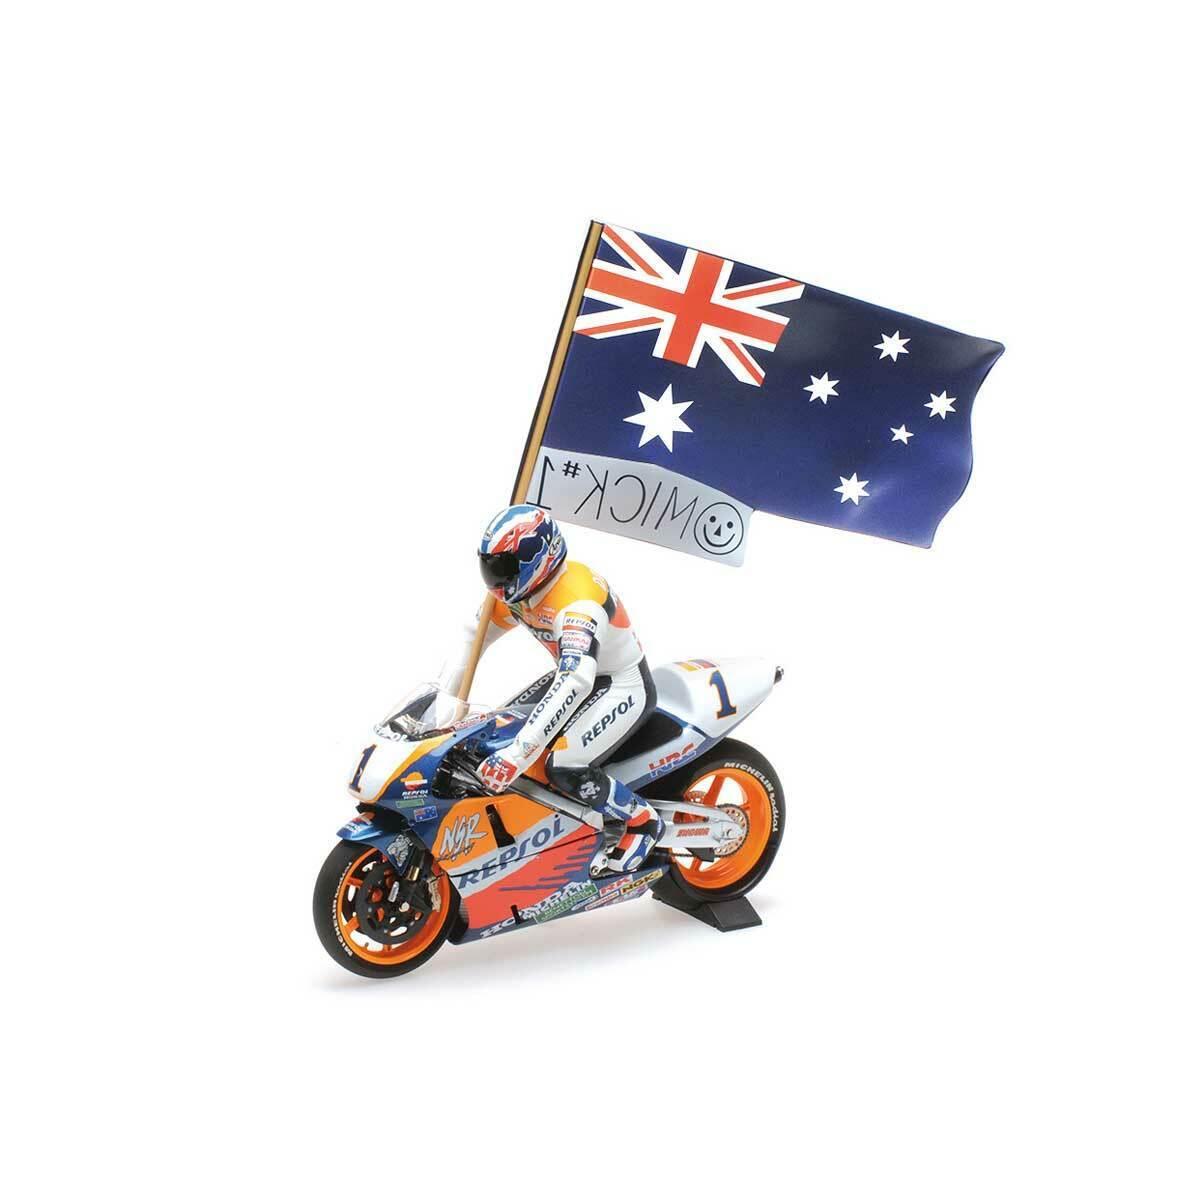 1月12日1995 GP世界チャンピオンオンダNSR 500